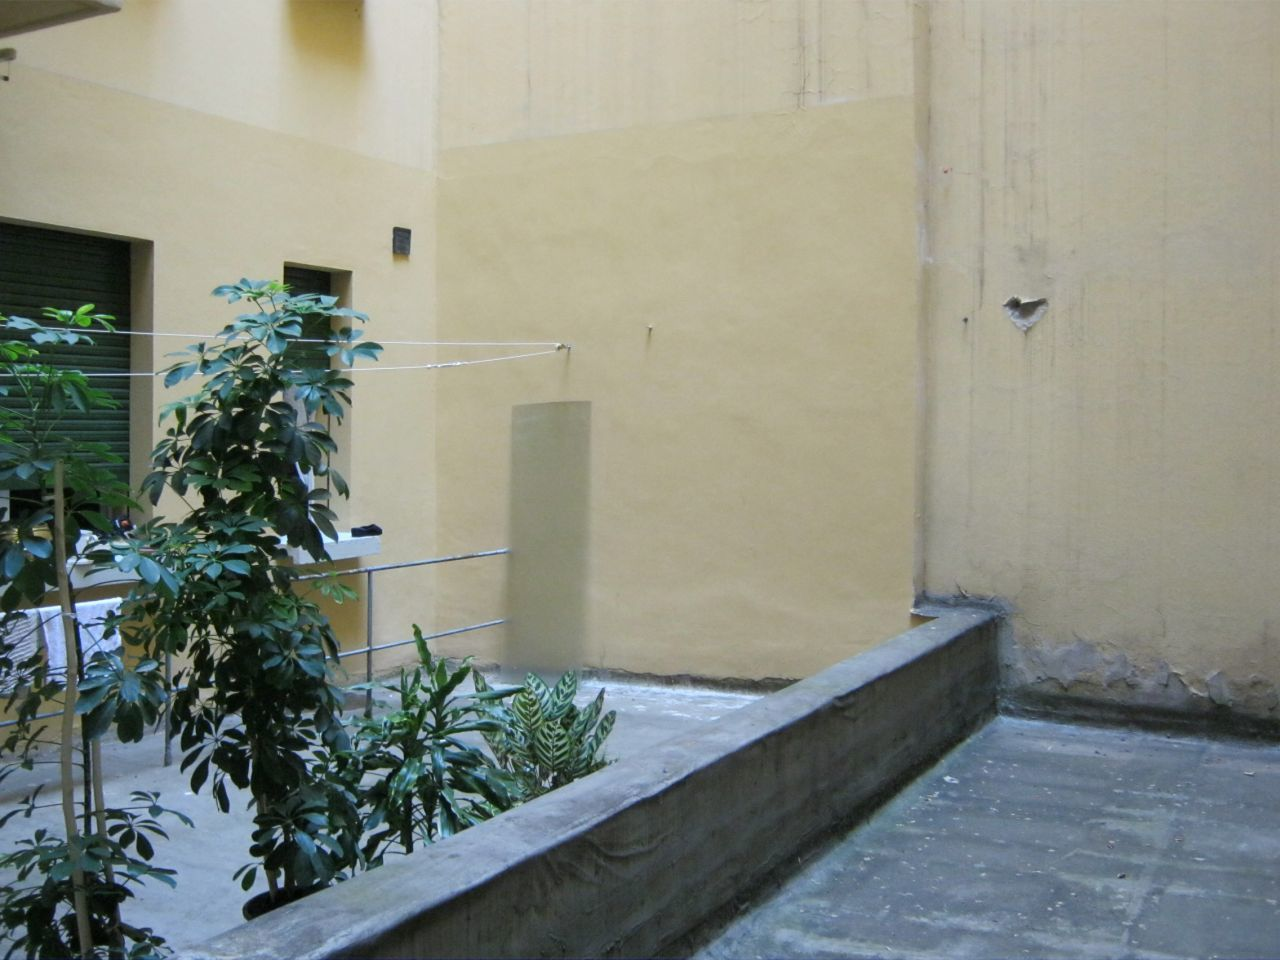 Bagno Con Cavedio: Una casa con soluzioni che moltiplicano la luce ...